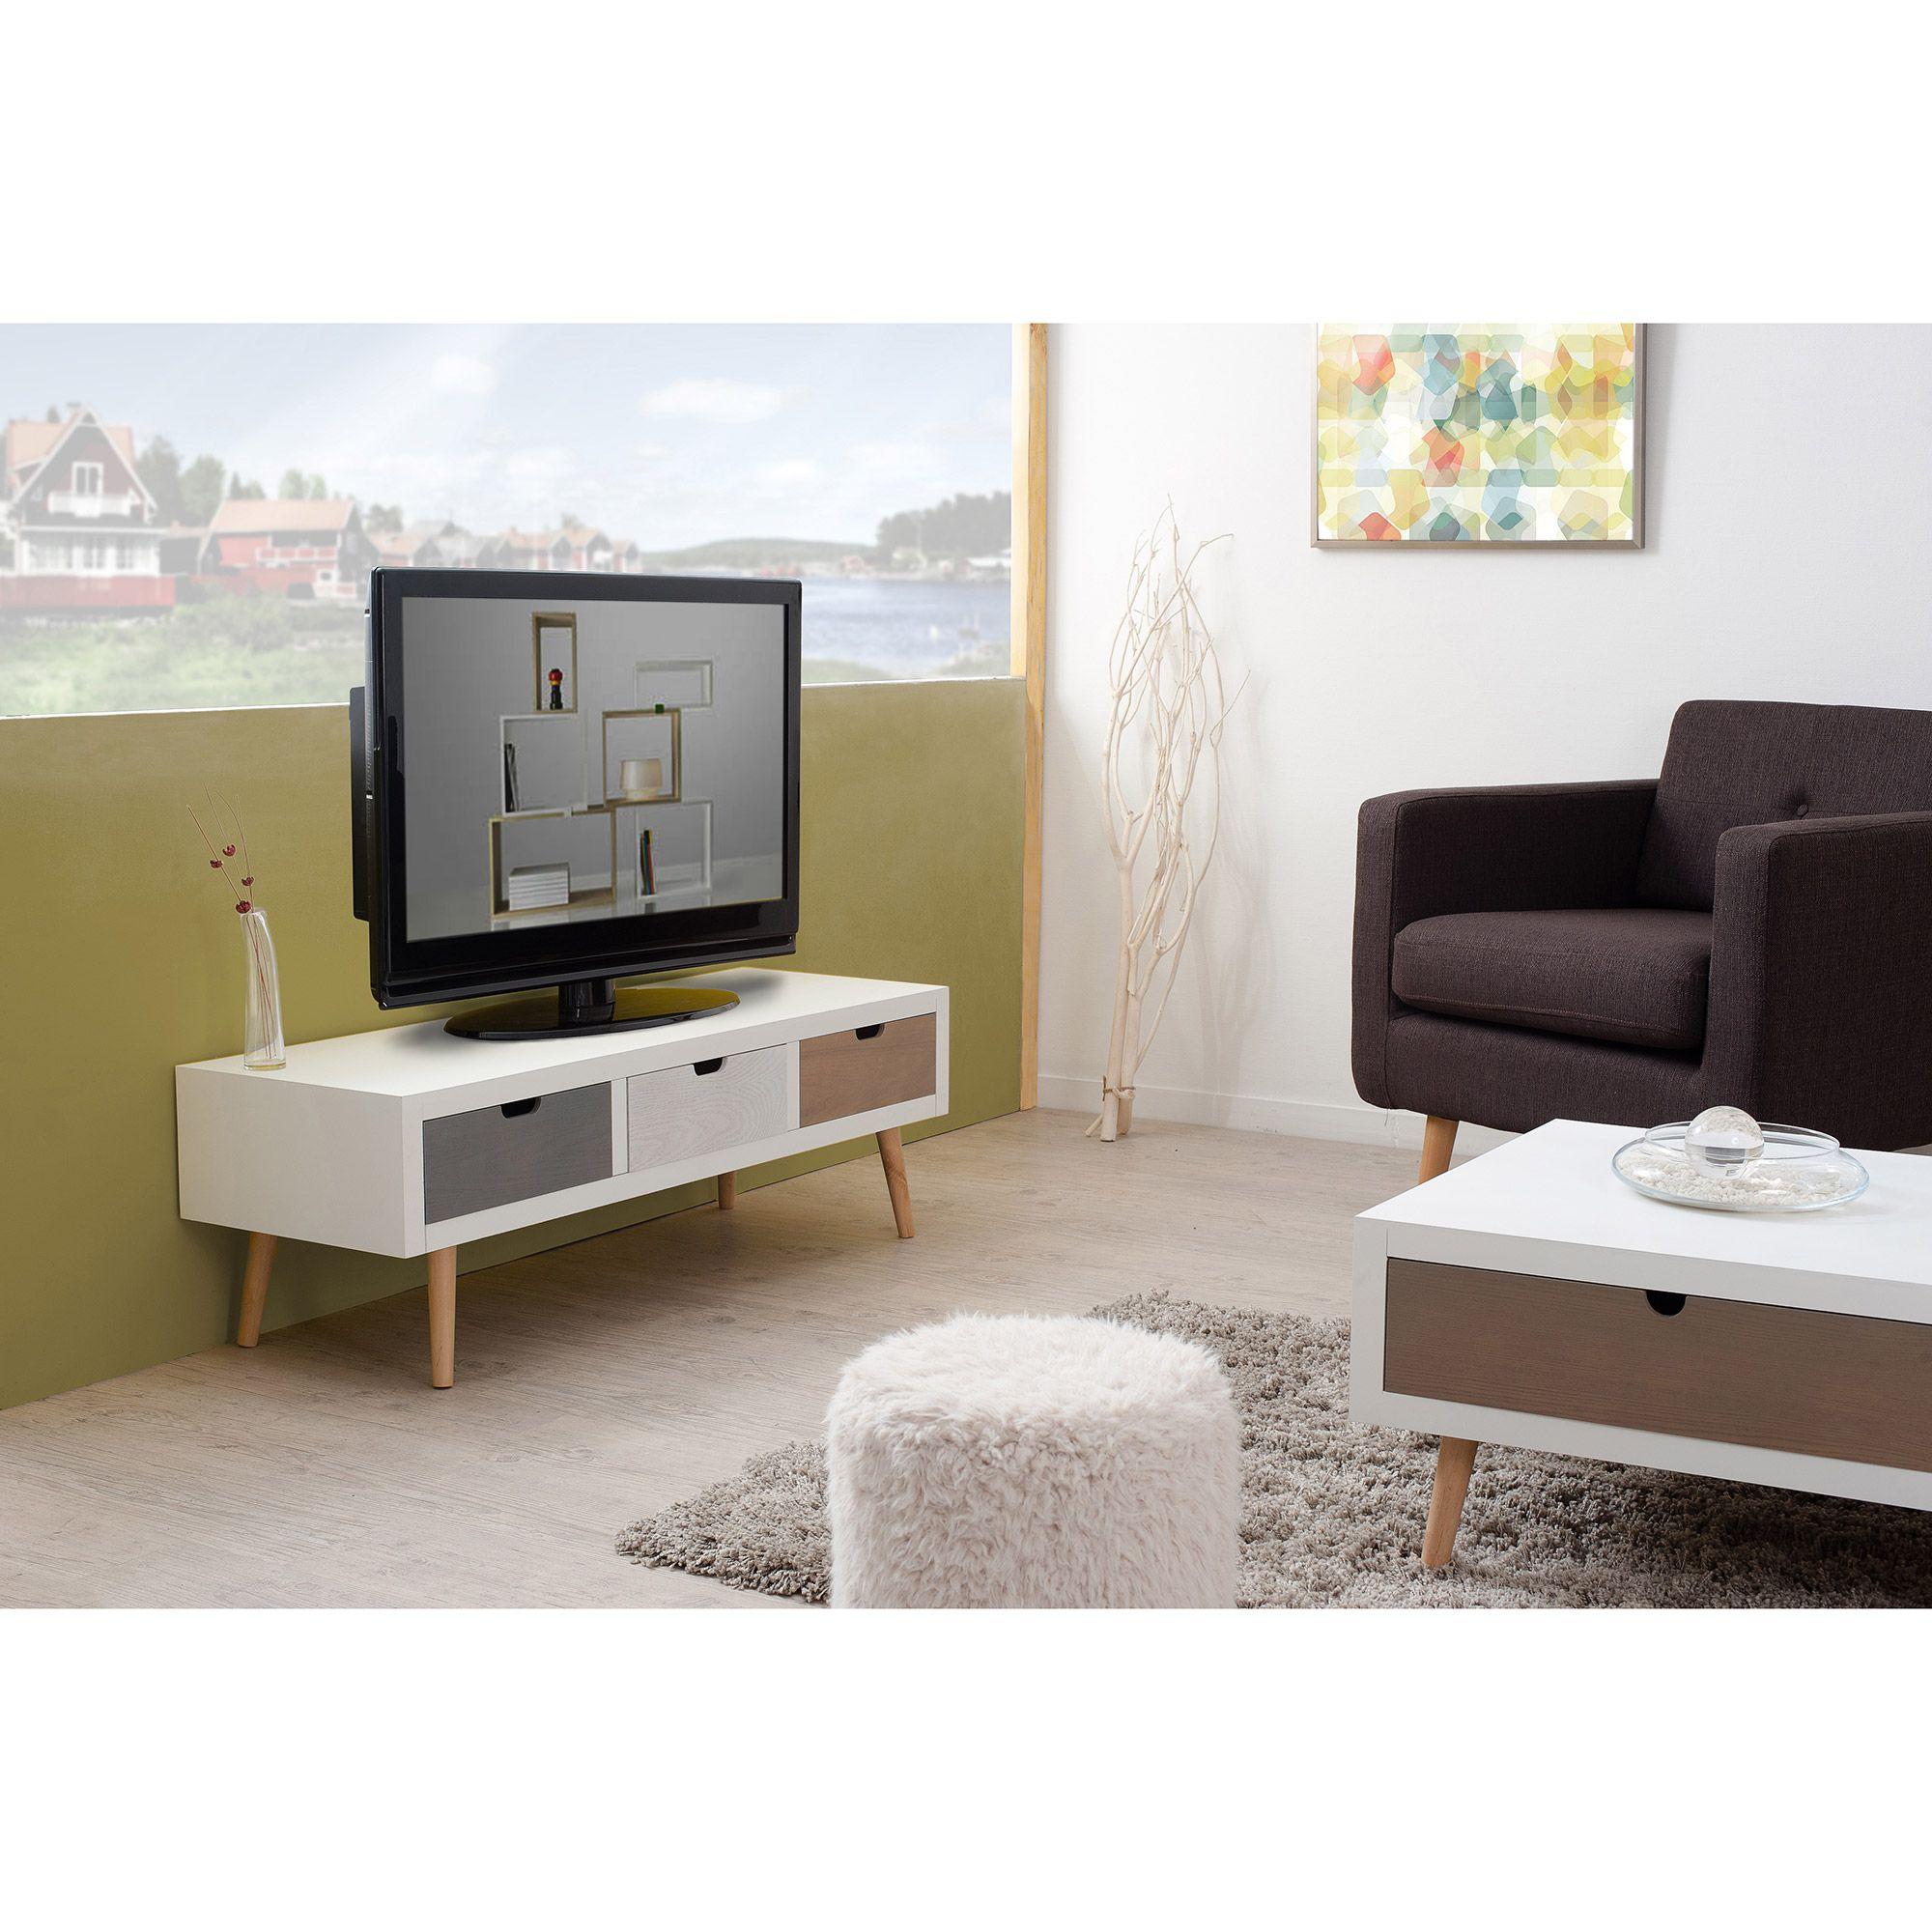 Meuble Tv Bas En Bois 3 Tiroirs L120cm Evan Caisses En Bois  # Meubles Tv Ecran Plat